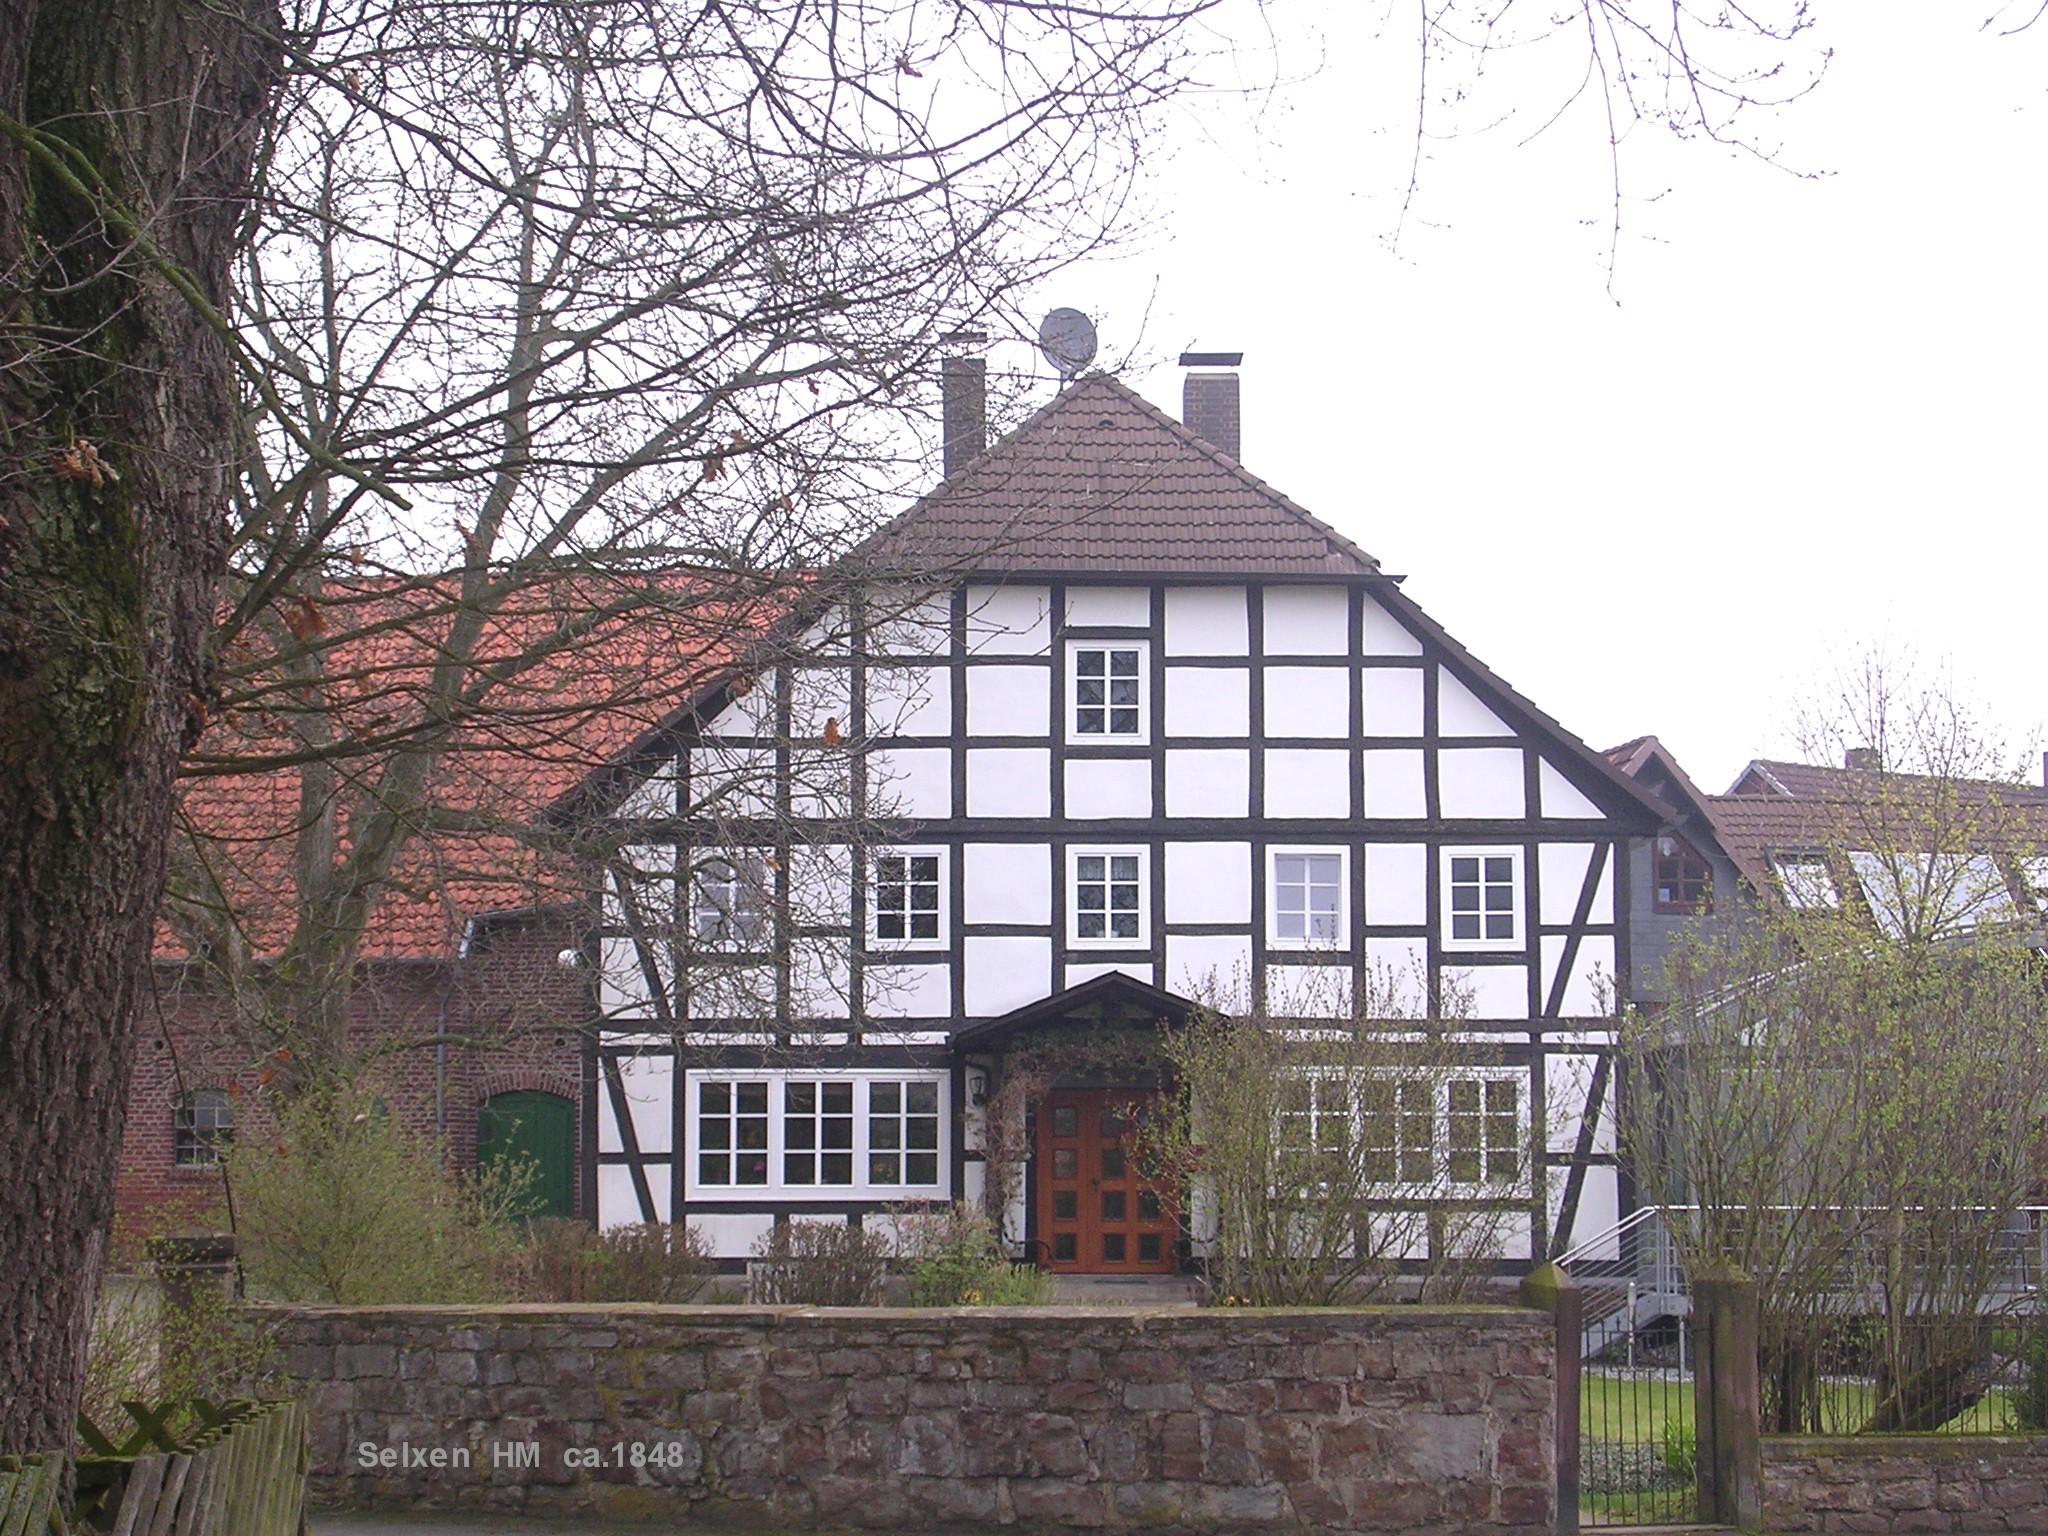 f-selxen-hm-1840